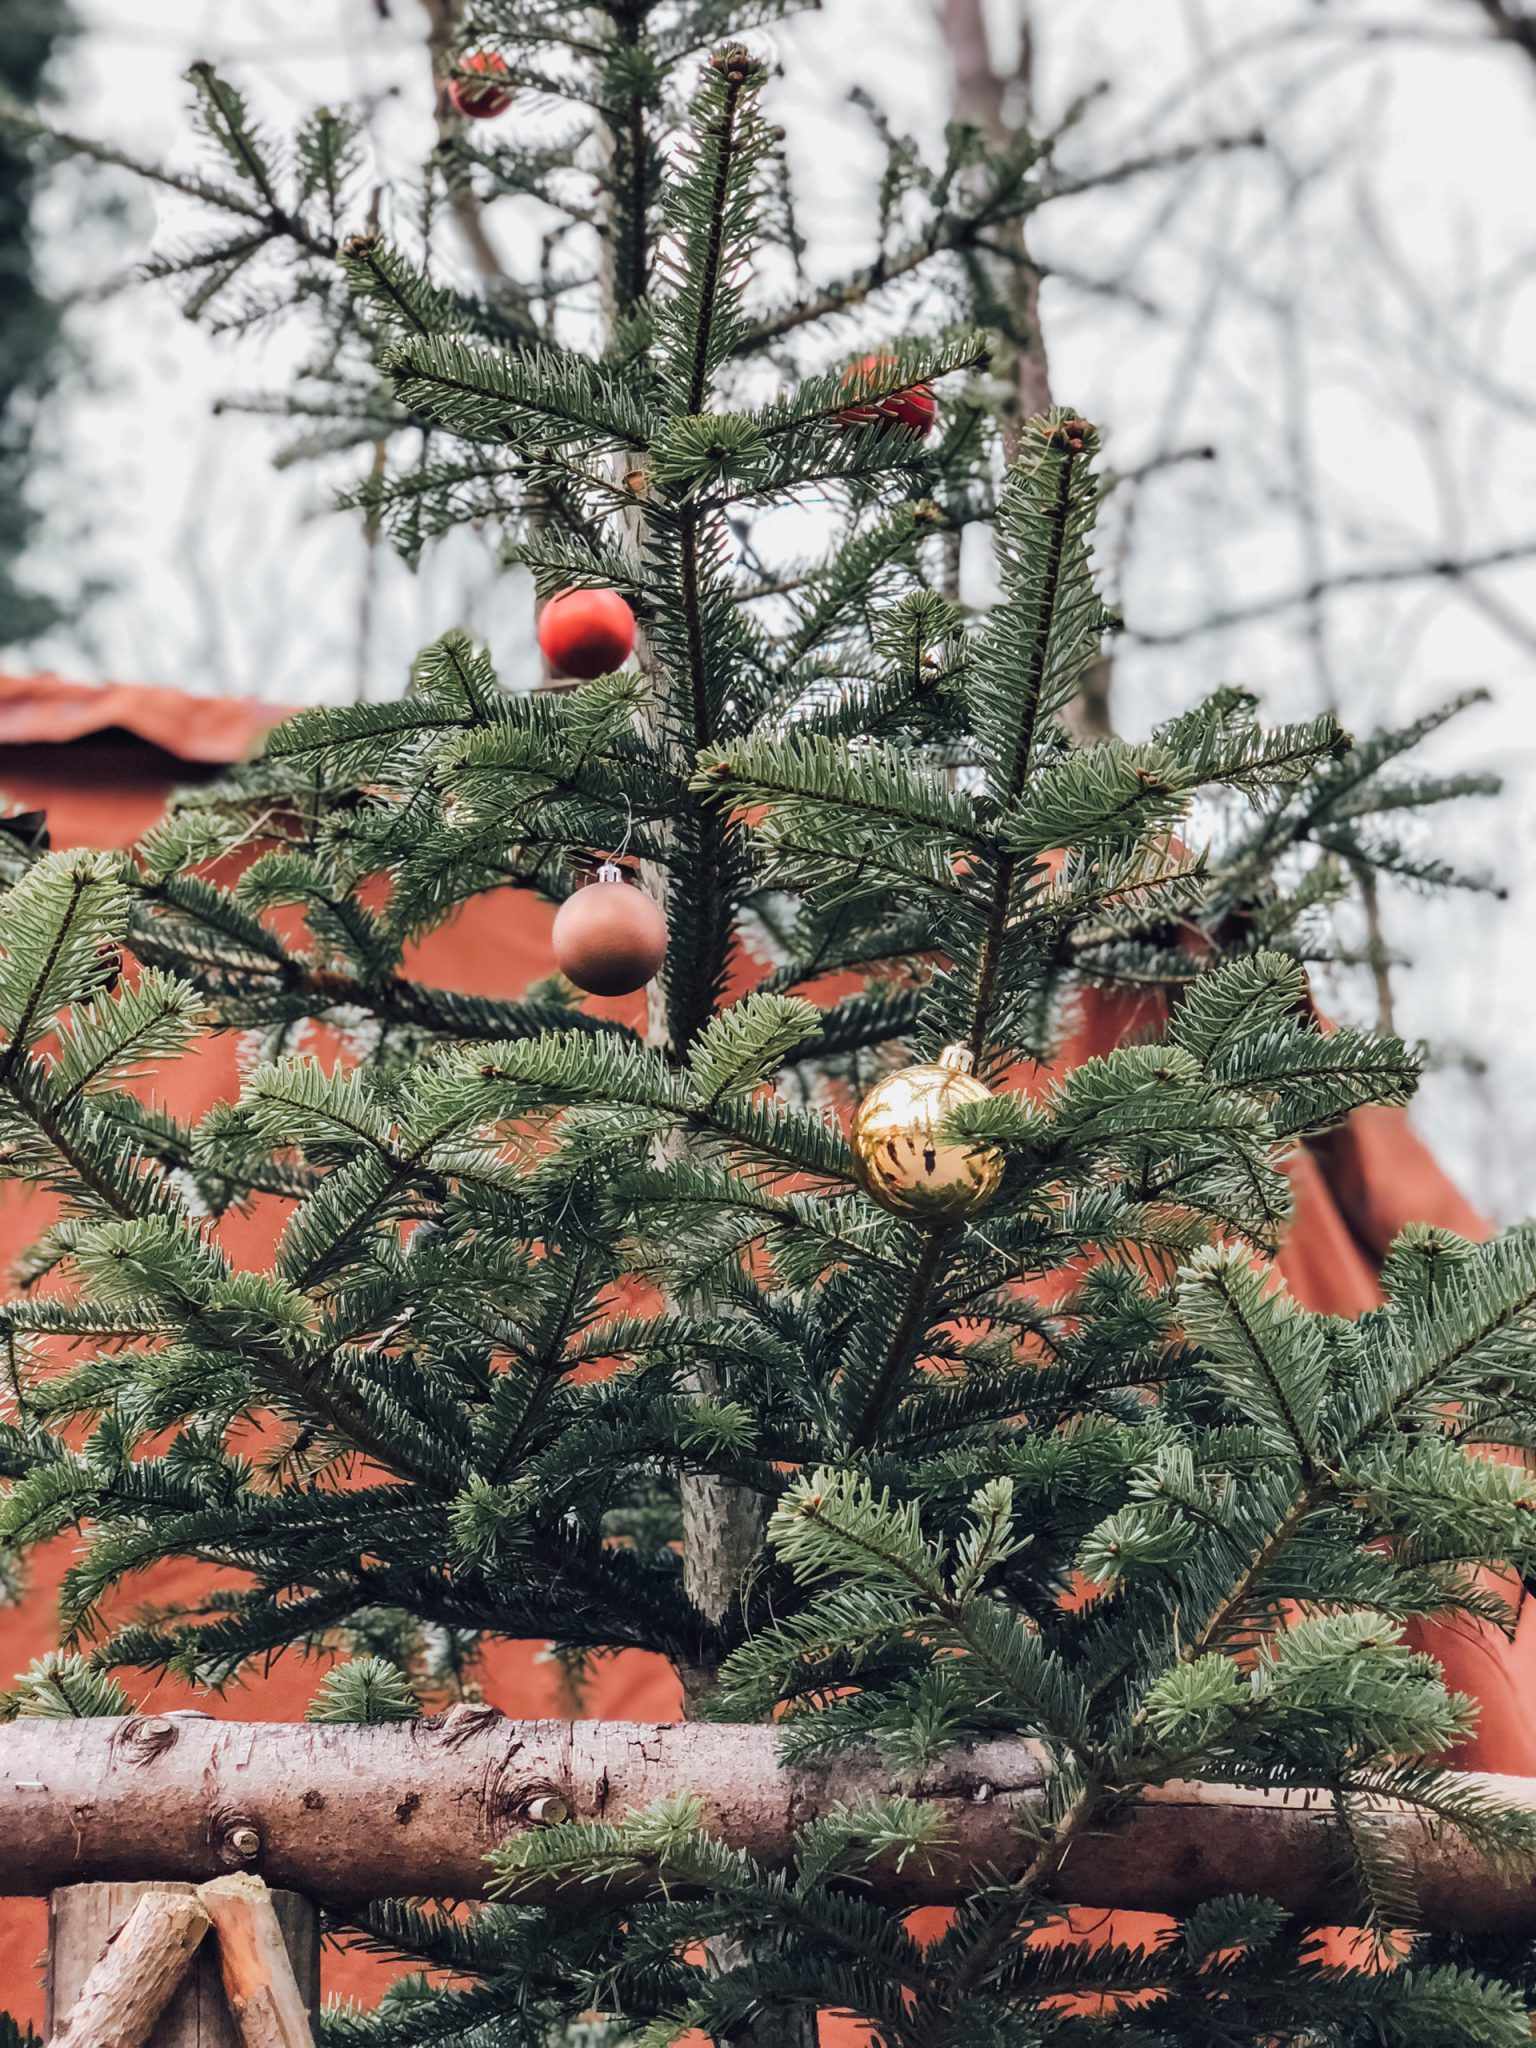 Kaltenberger Ritterturnier Märchenweihnachtsmarkt Schloss Kaltenberg Ausflugstipps für Familien - München mit Kind - Mama Blog 3